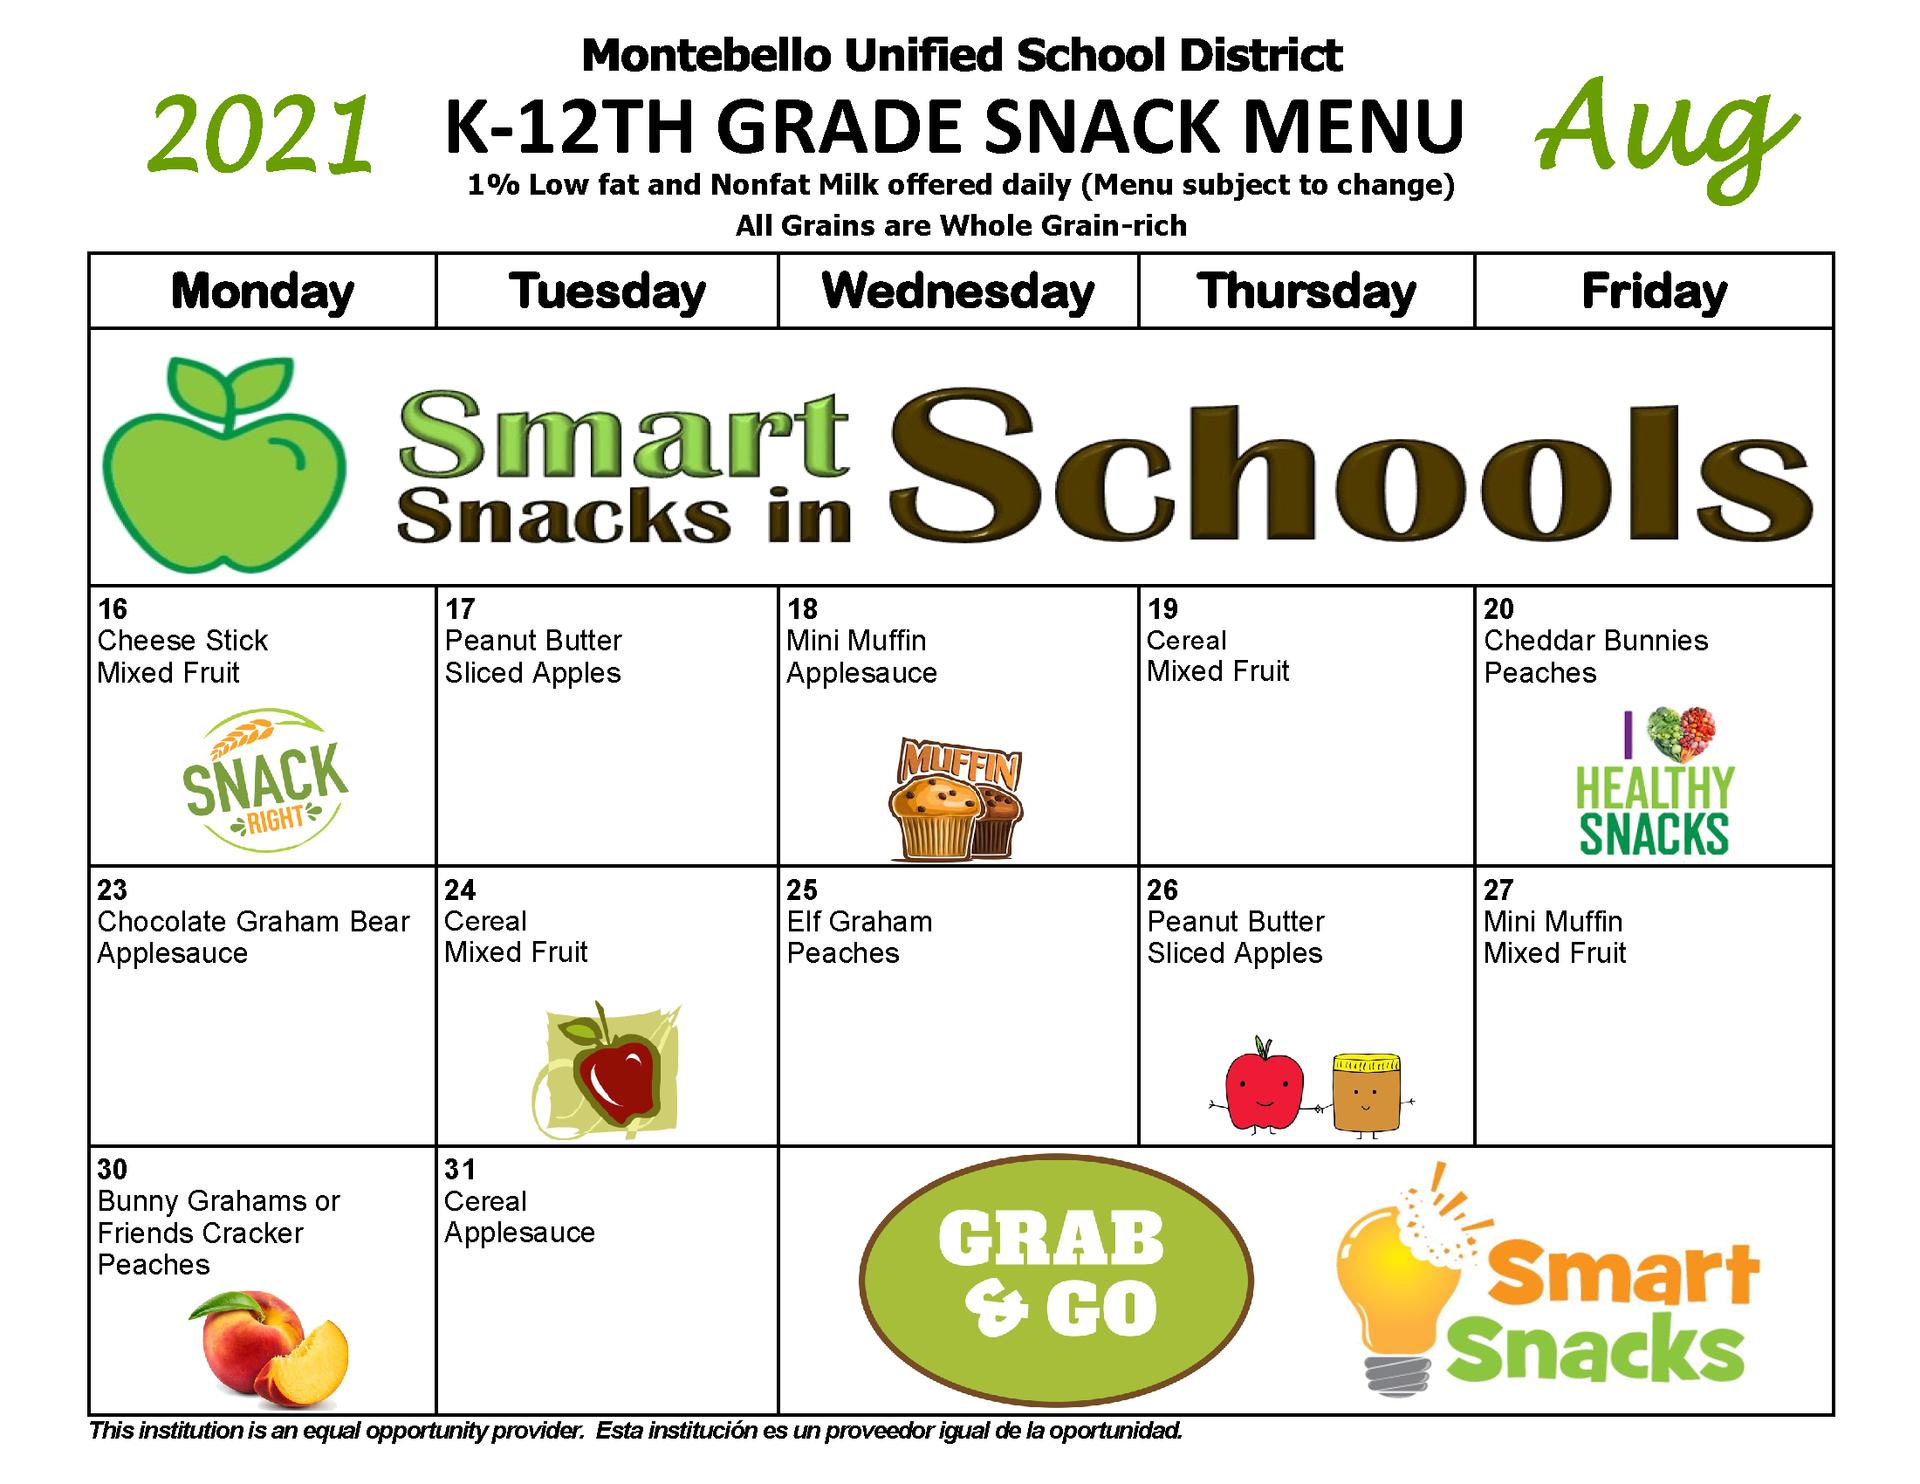 August K-12 Snack Menu